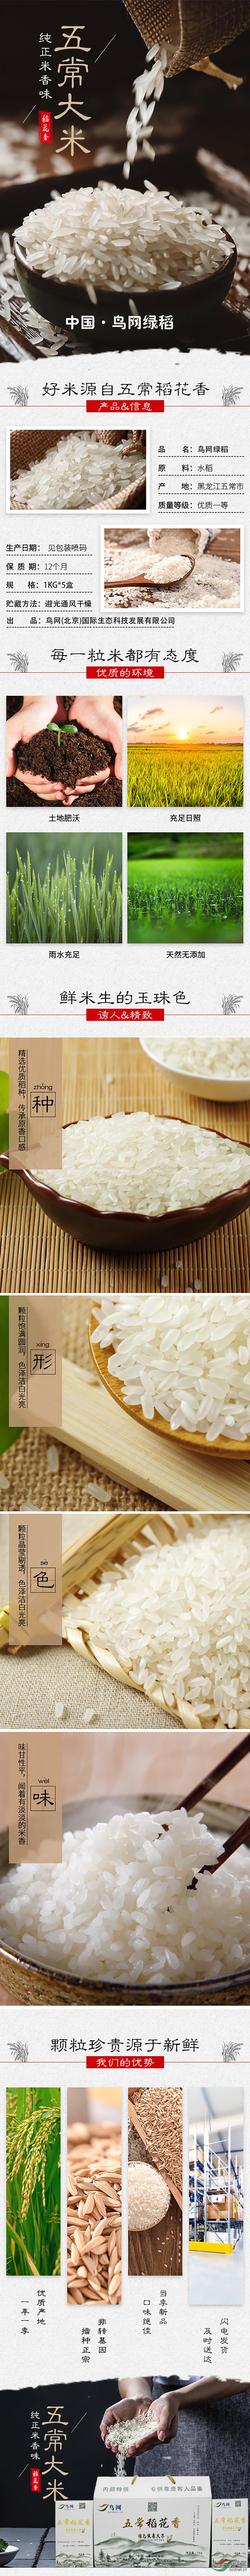 鸟网绿稻.jpg